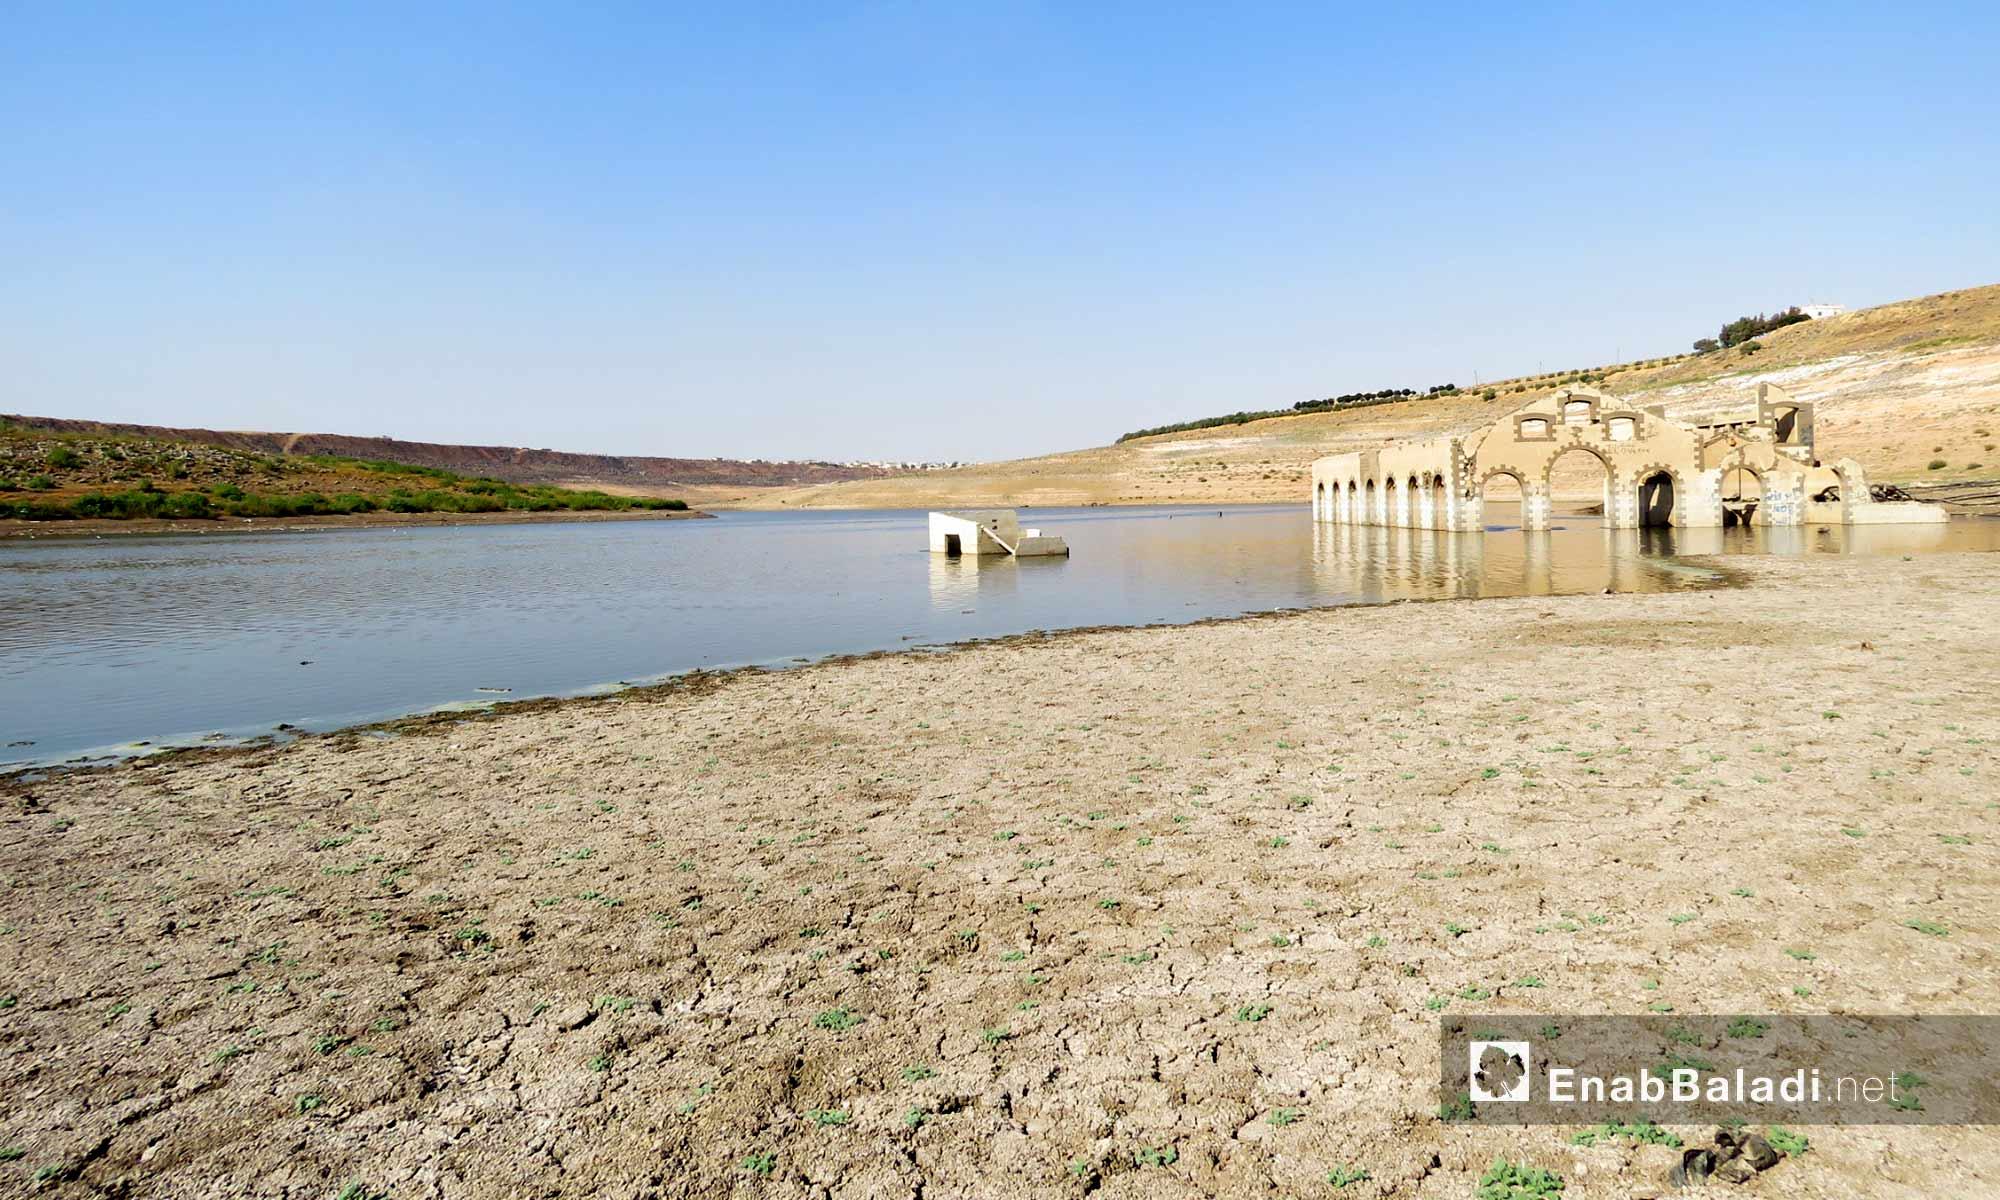 بناء أثري ظهر لدى جفاف منسوف بحيرة سد الرستن في ريف حمص الشمالي - 9 أيلول 2017 (عنب بلدي)